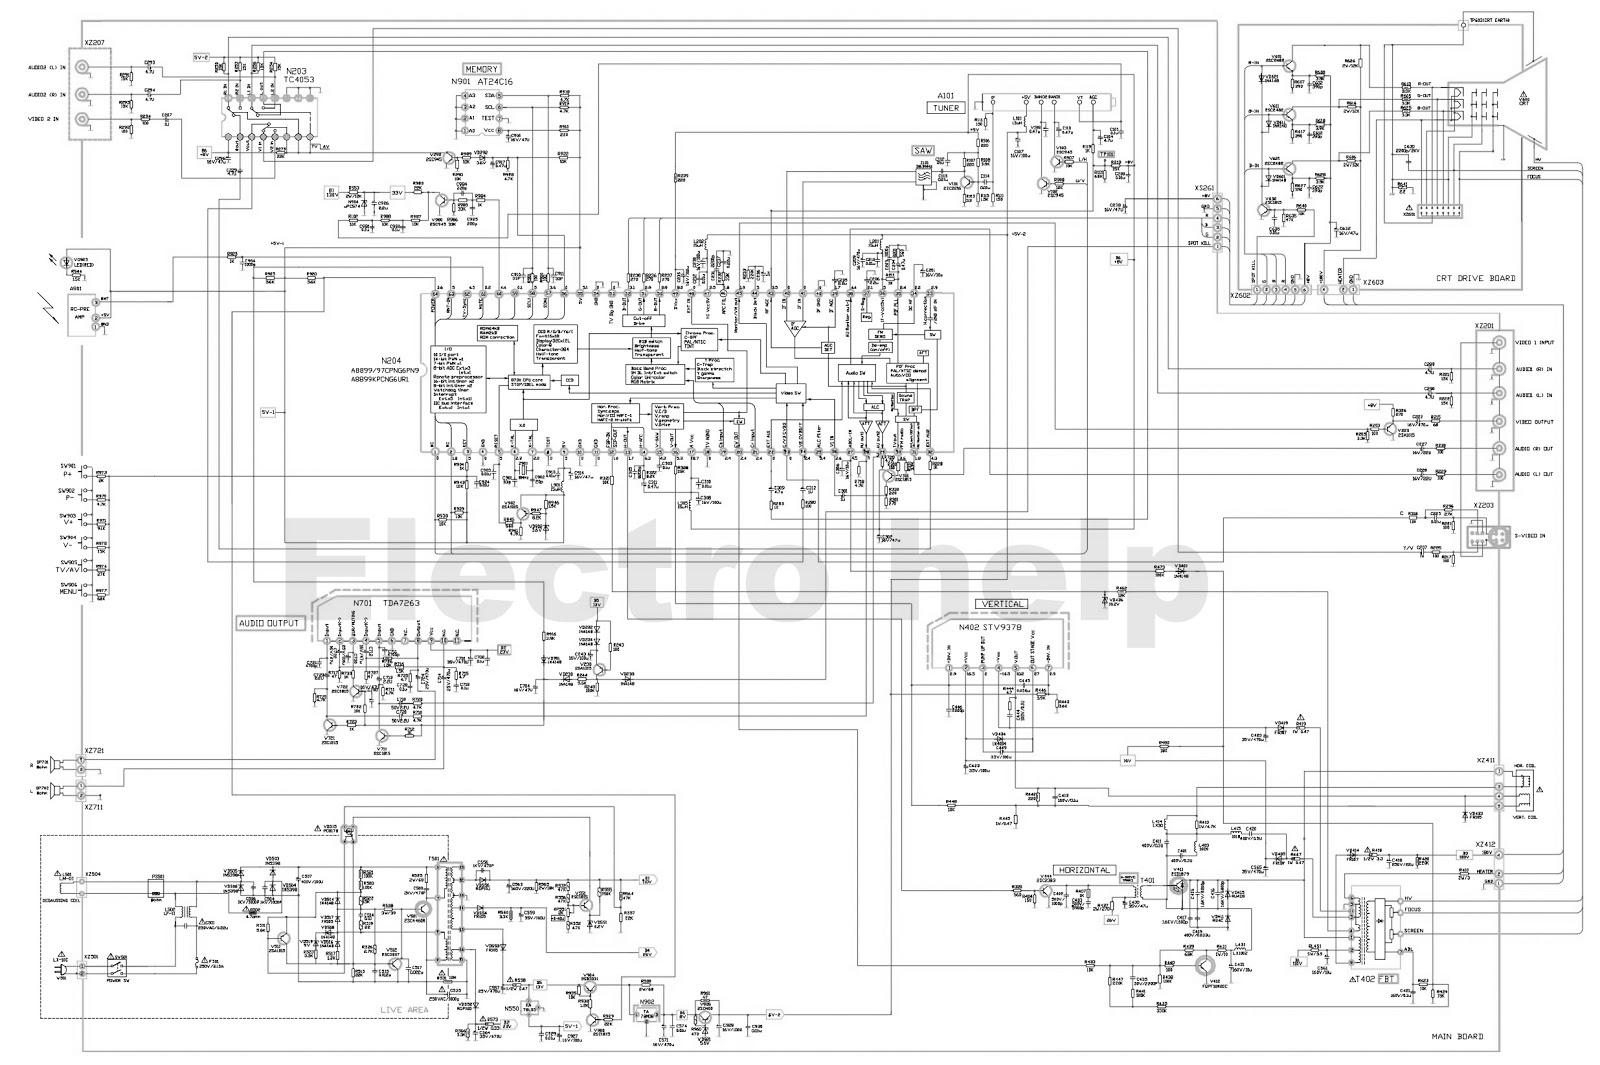 Electro help: CTV circuit diagrams - using TDA9361 ...